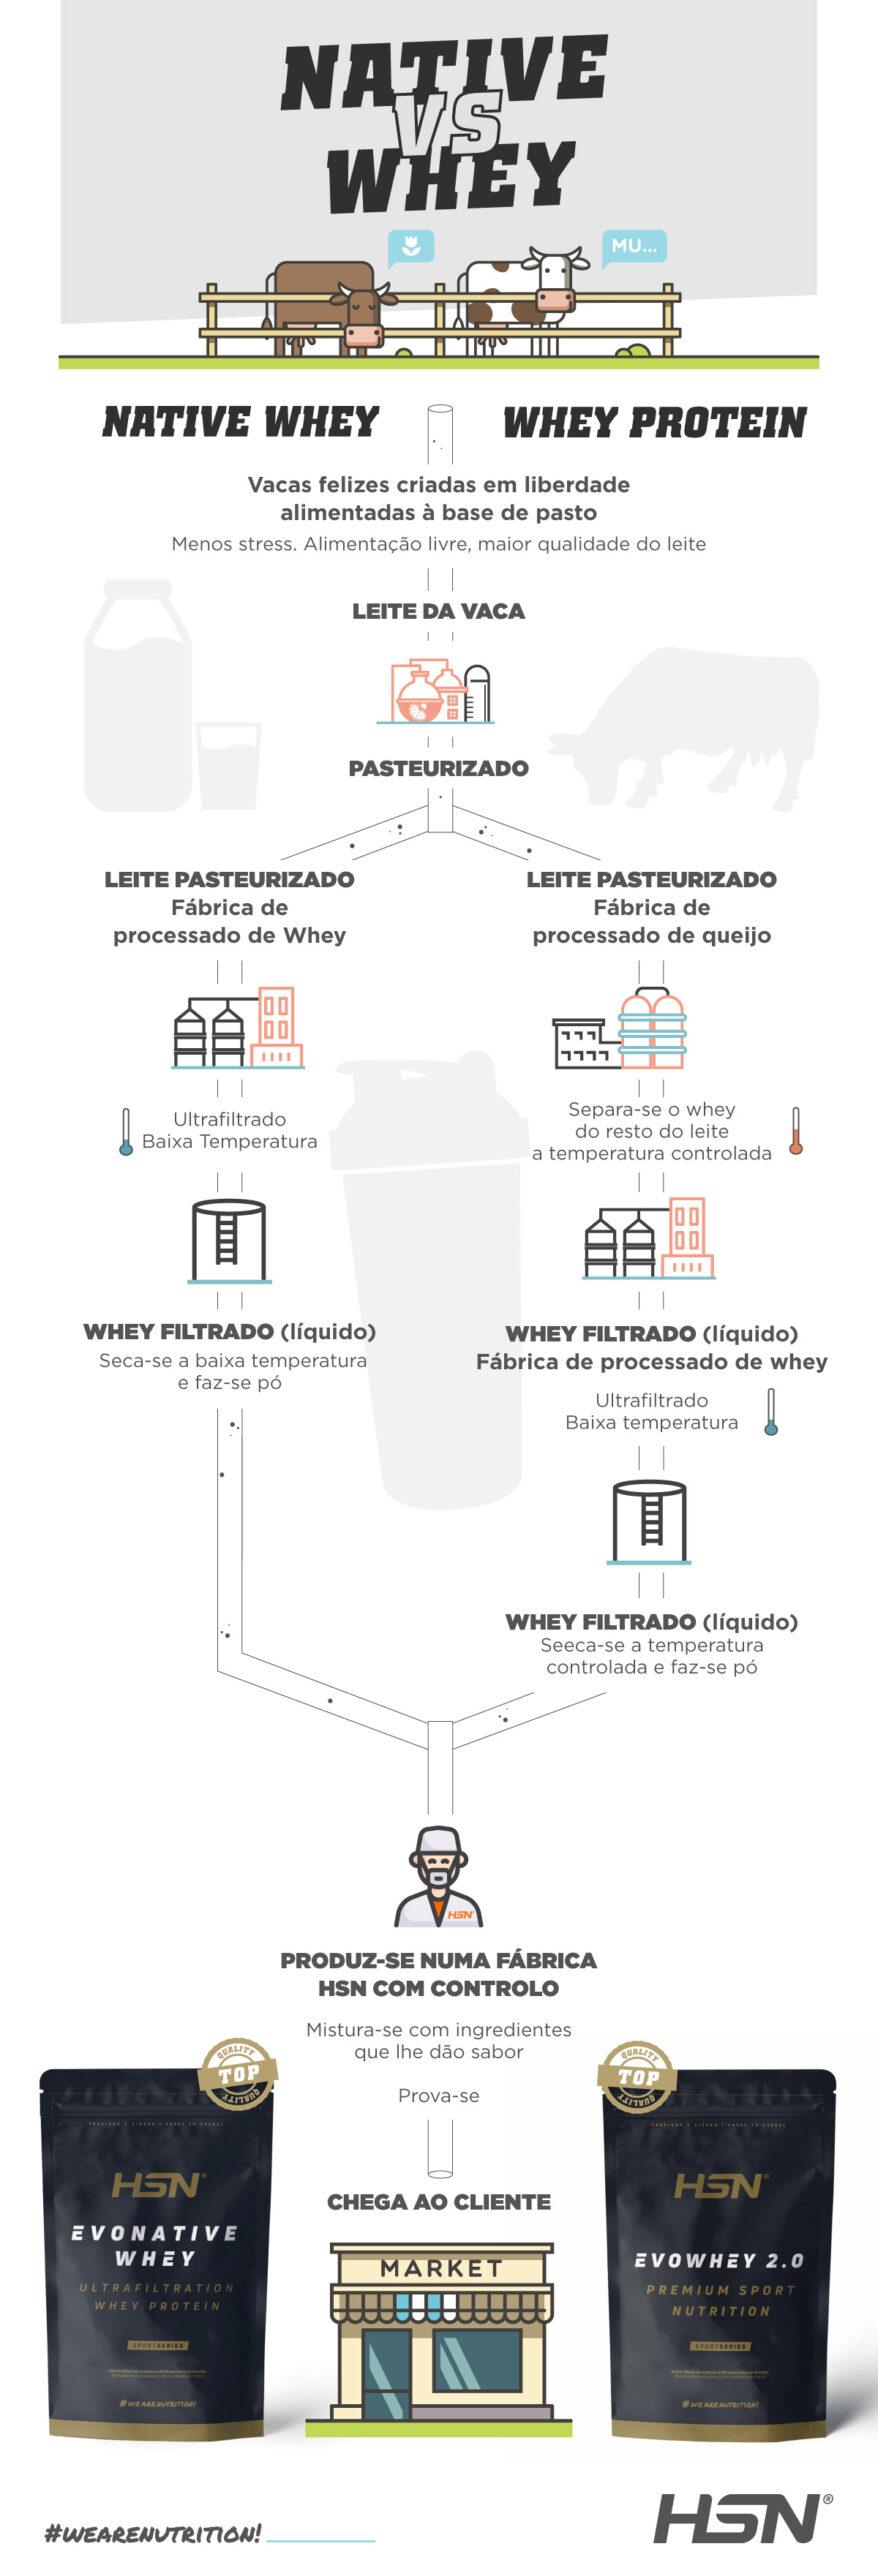 Infografia Native VS Whey